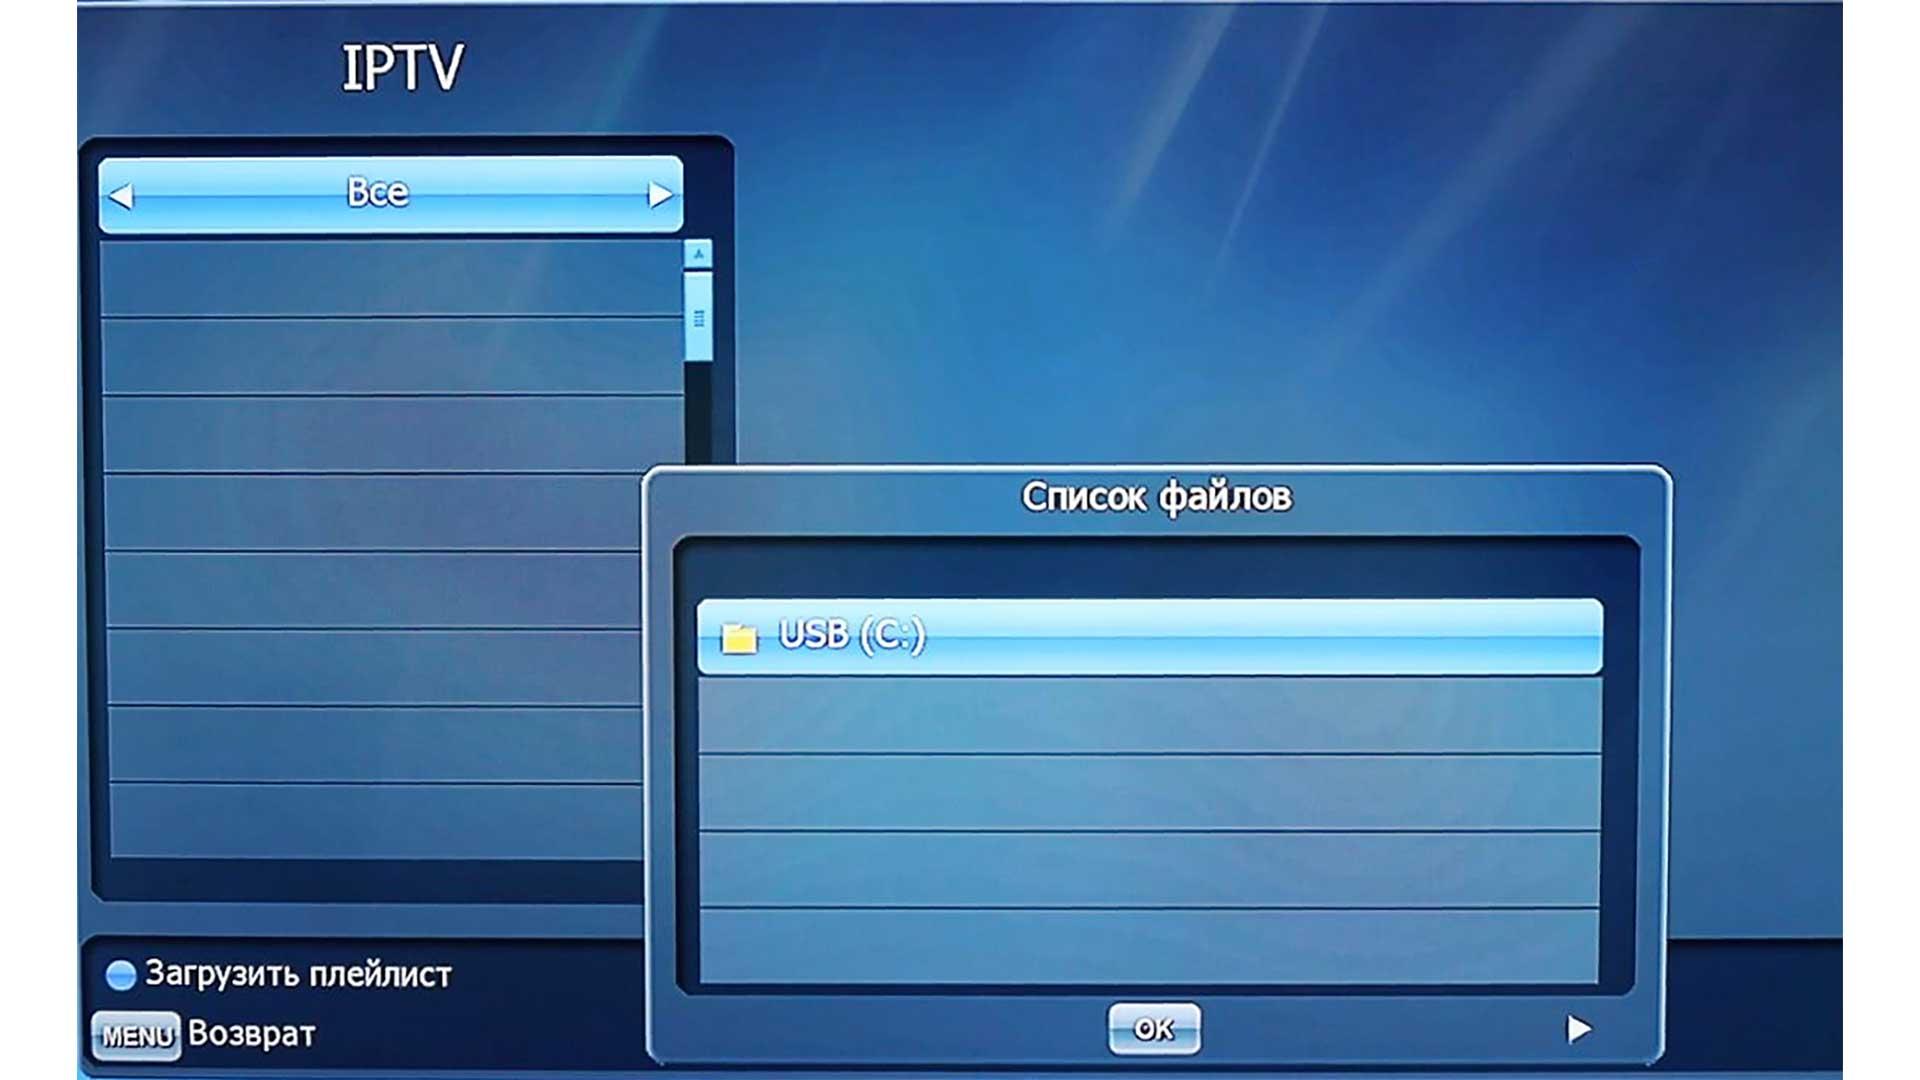 Выбор USB диска